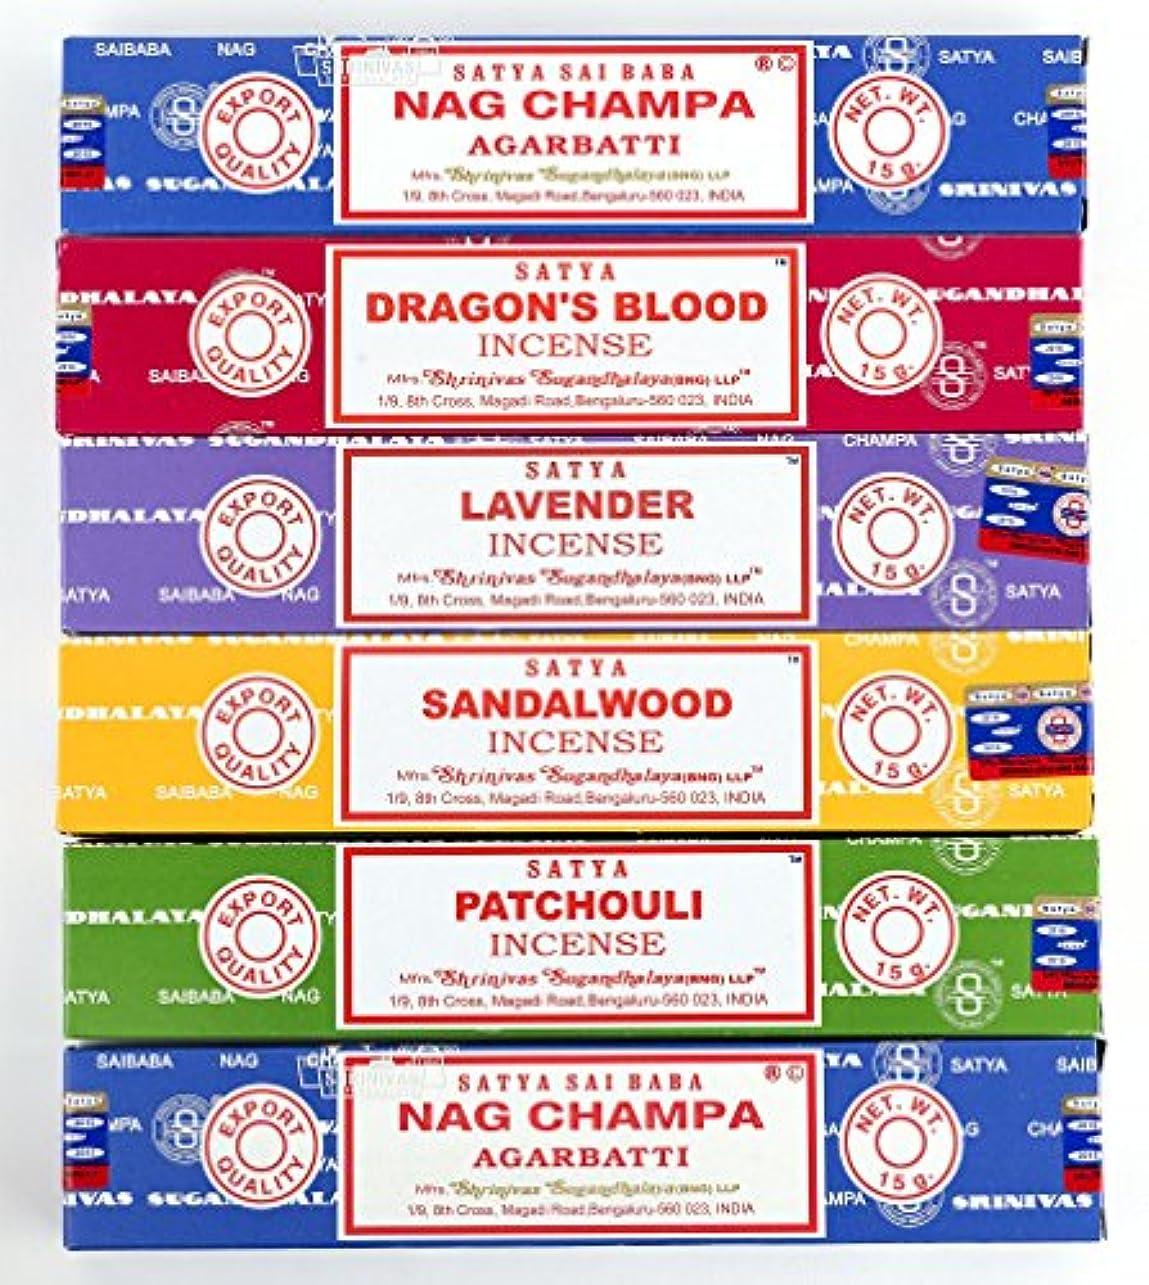 ヒロイン驚くばかり師匠Nag Champa 6 Piece Variety pack- 2 Nag Champa, Dragon 's Blood、ラベンダー、サンダルウッド、パチュリ